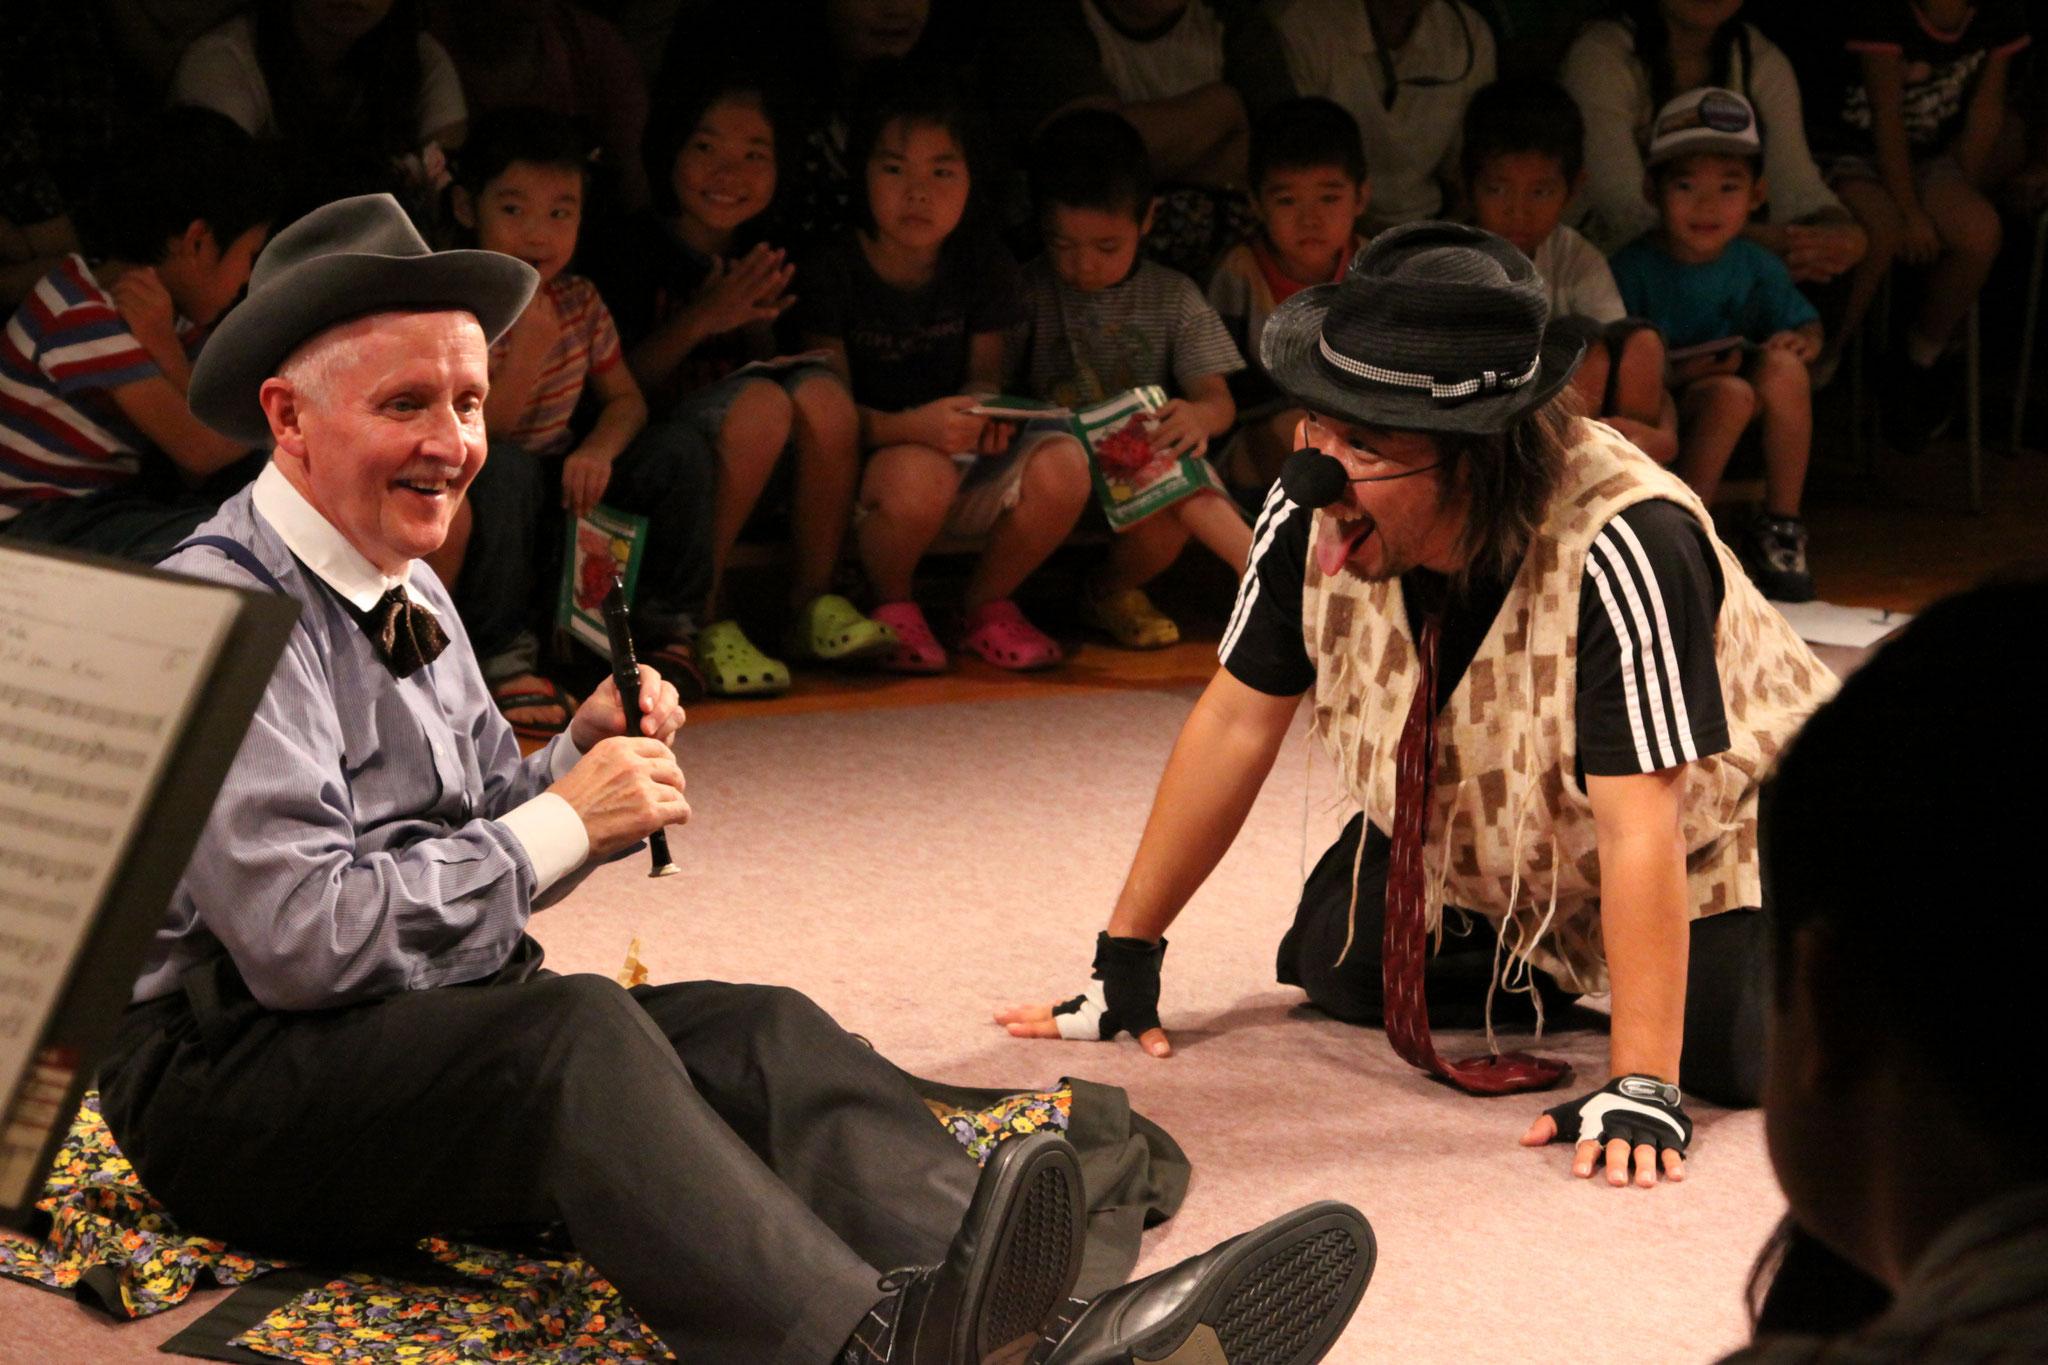 2006年 日本・スウェーデン共同制作「小さな紳士」